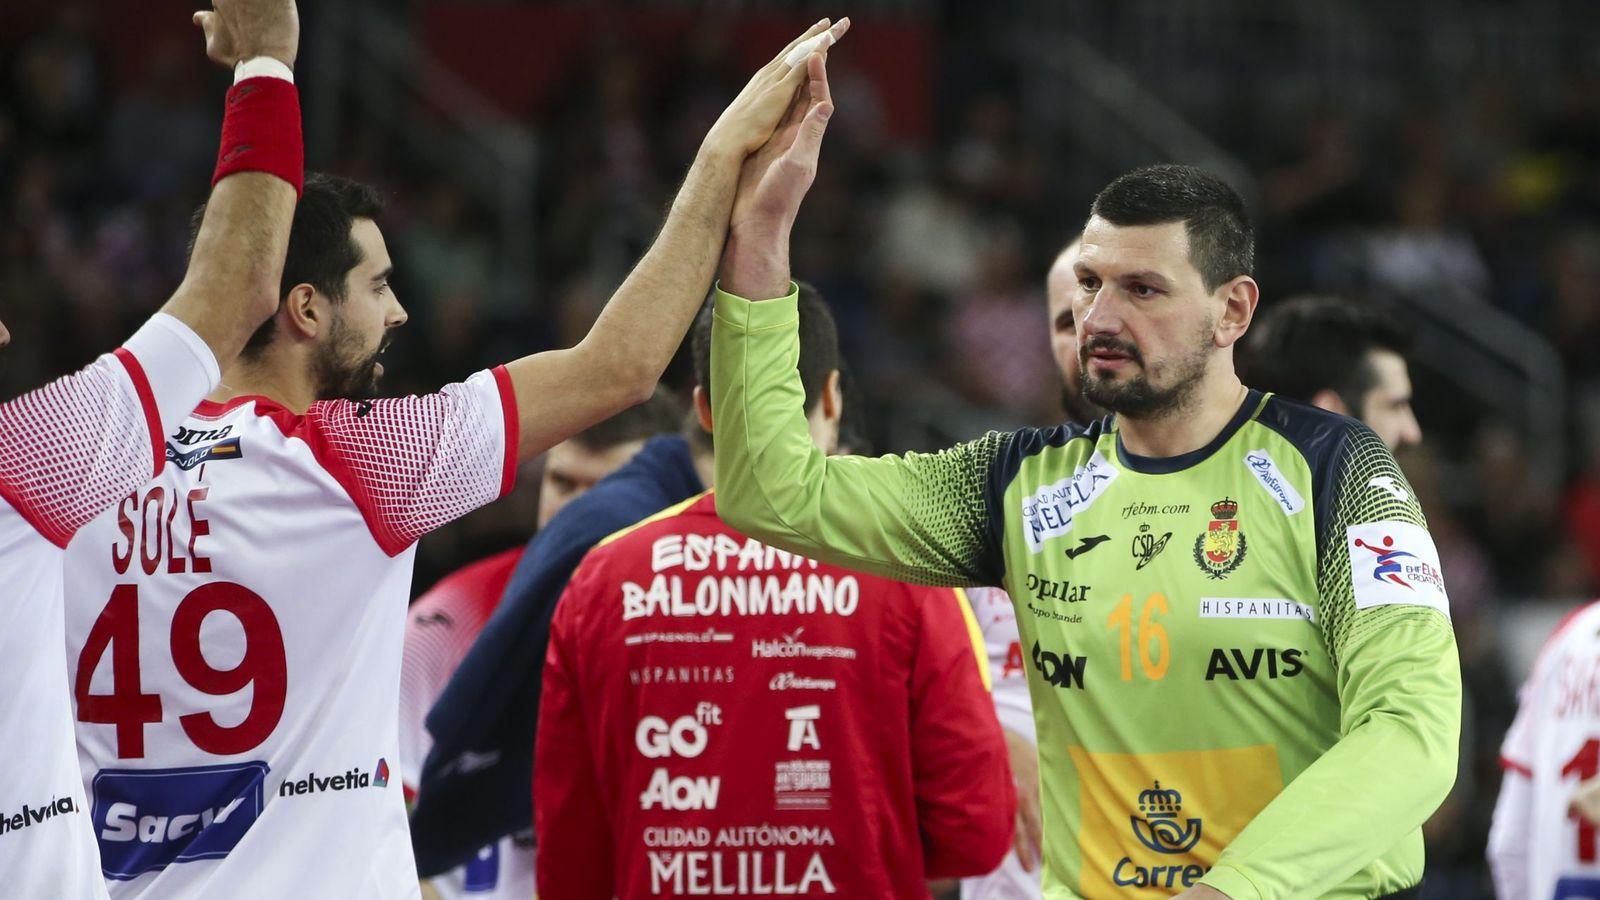 Foto: Sterbik detuvo tres de los cinco penaltis que le lanzaron los franceses en la semifinal del Campeonato de Europa. (Reuters)